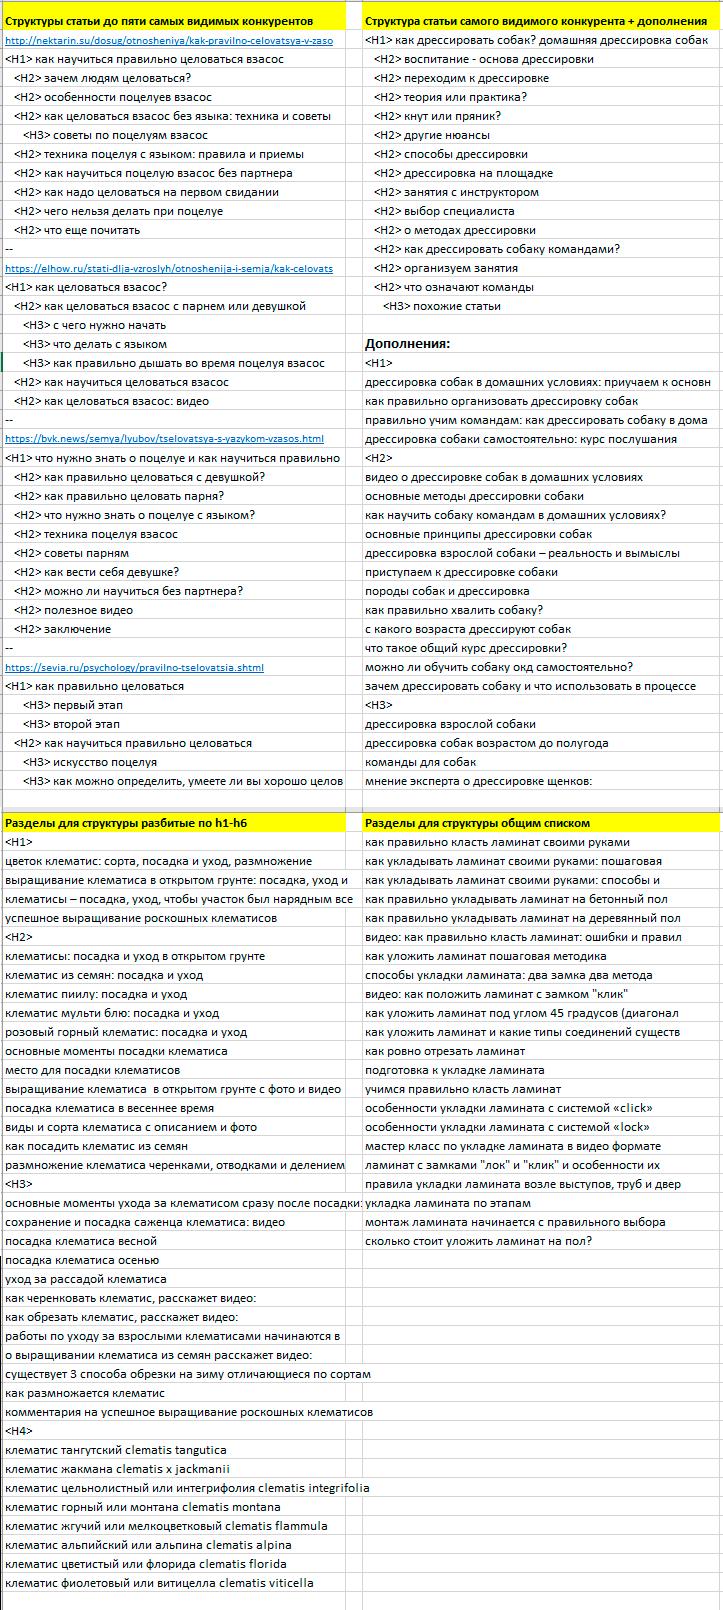 В ТЗ добавили варианты О чем писать статью